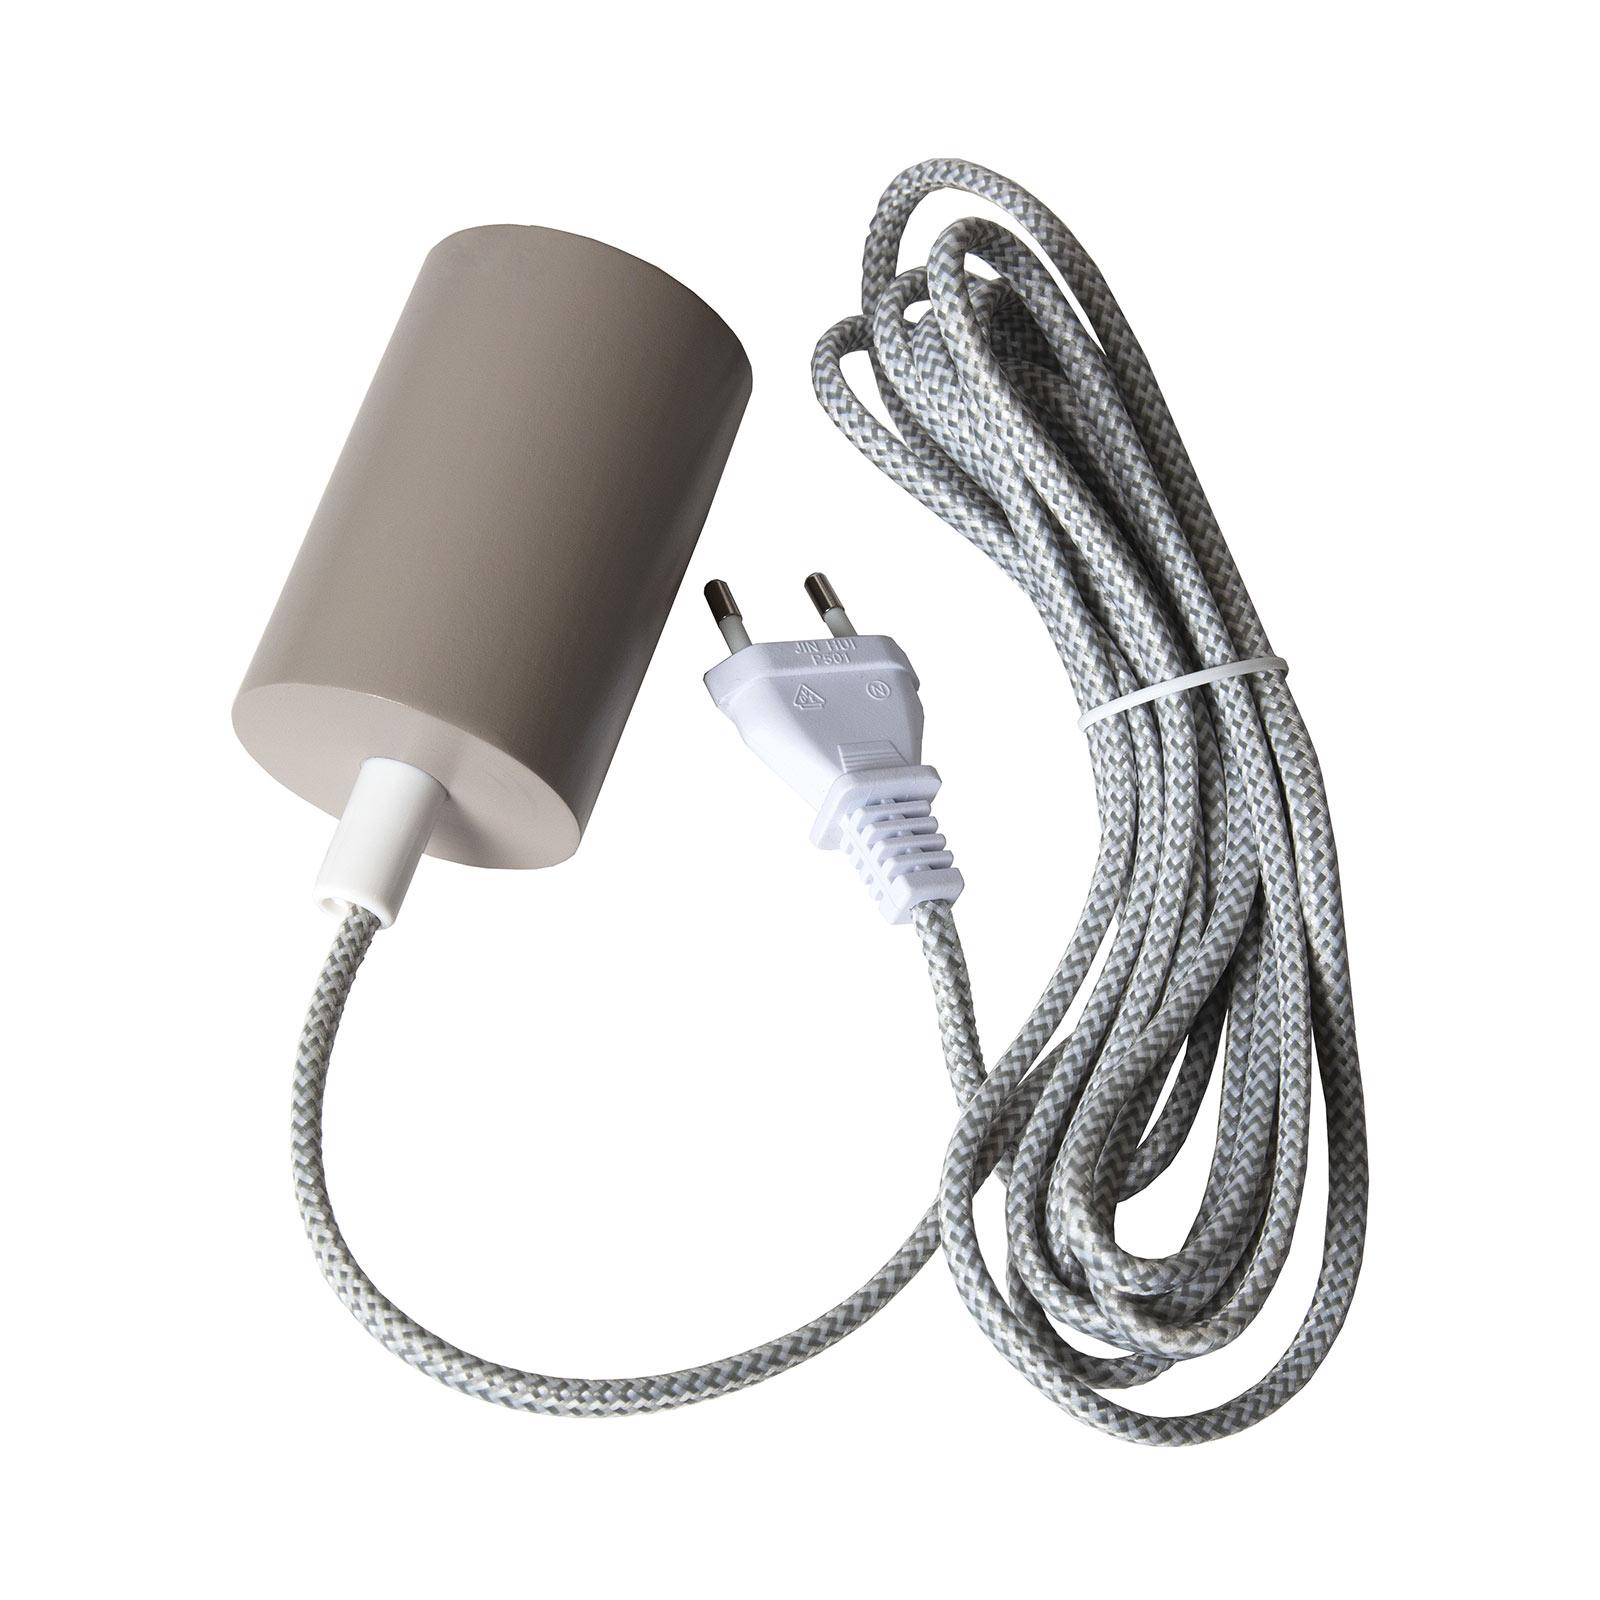 Casquillo E27 Slim con cable, gris